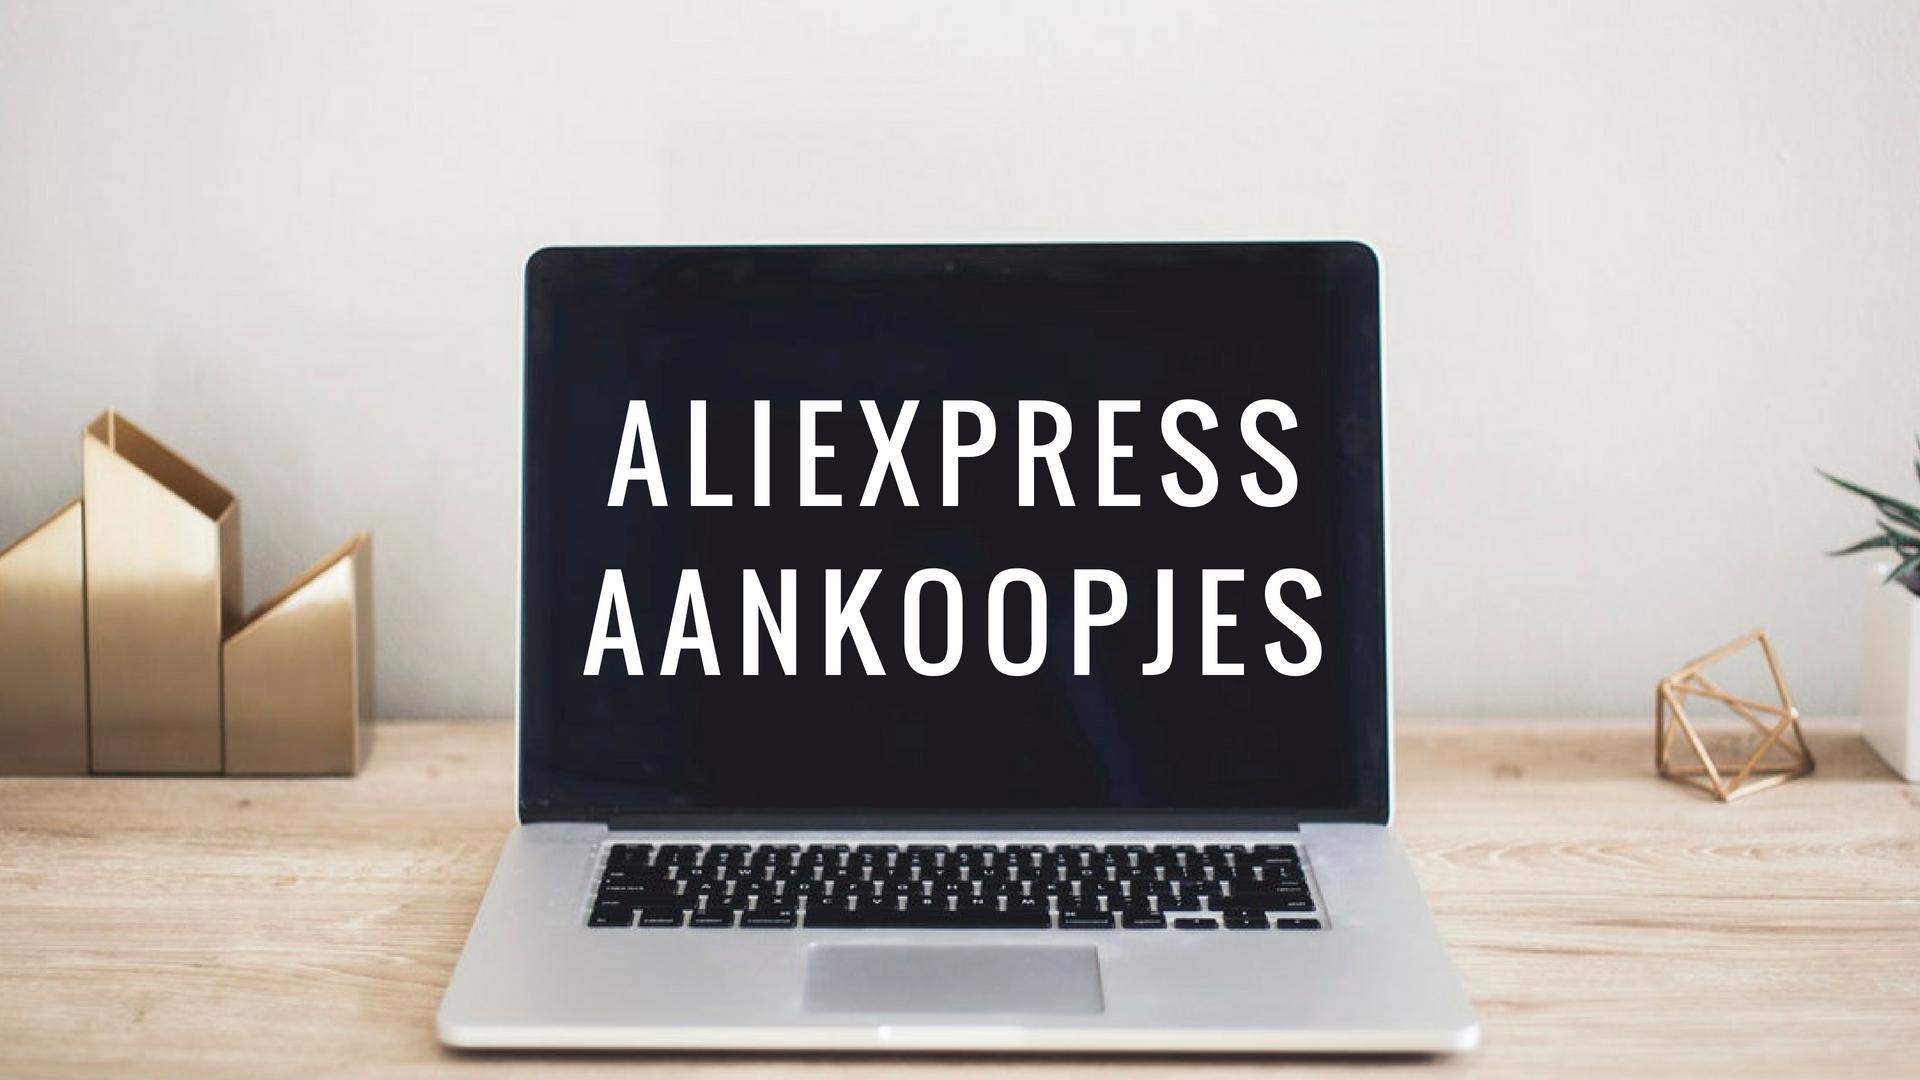 aliexpress aankoopjes